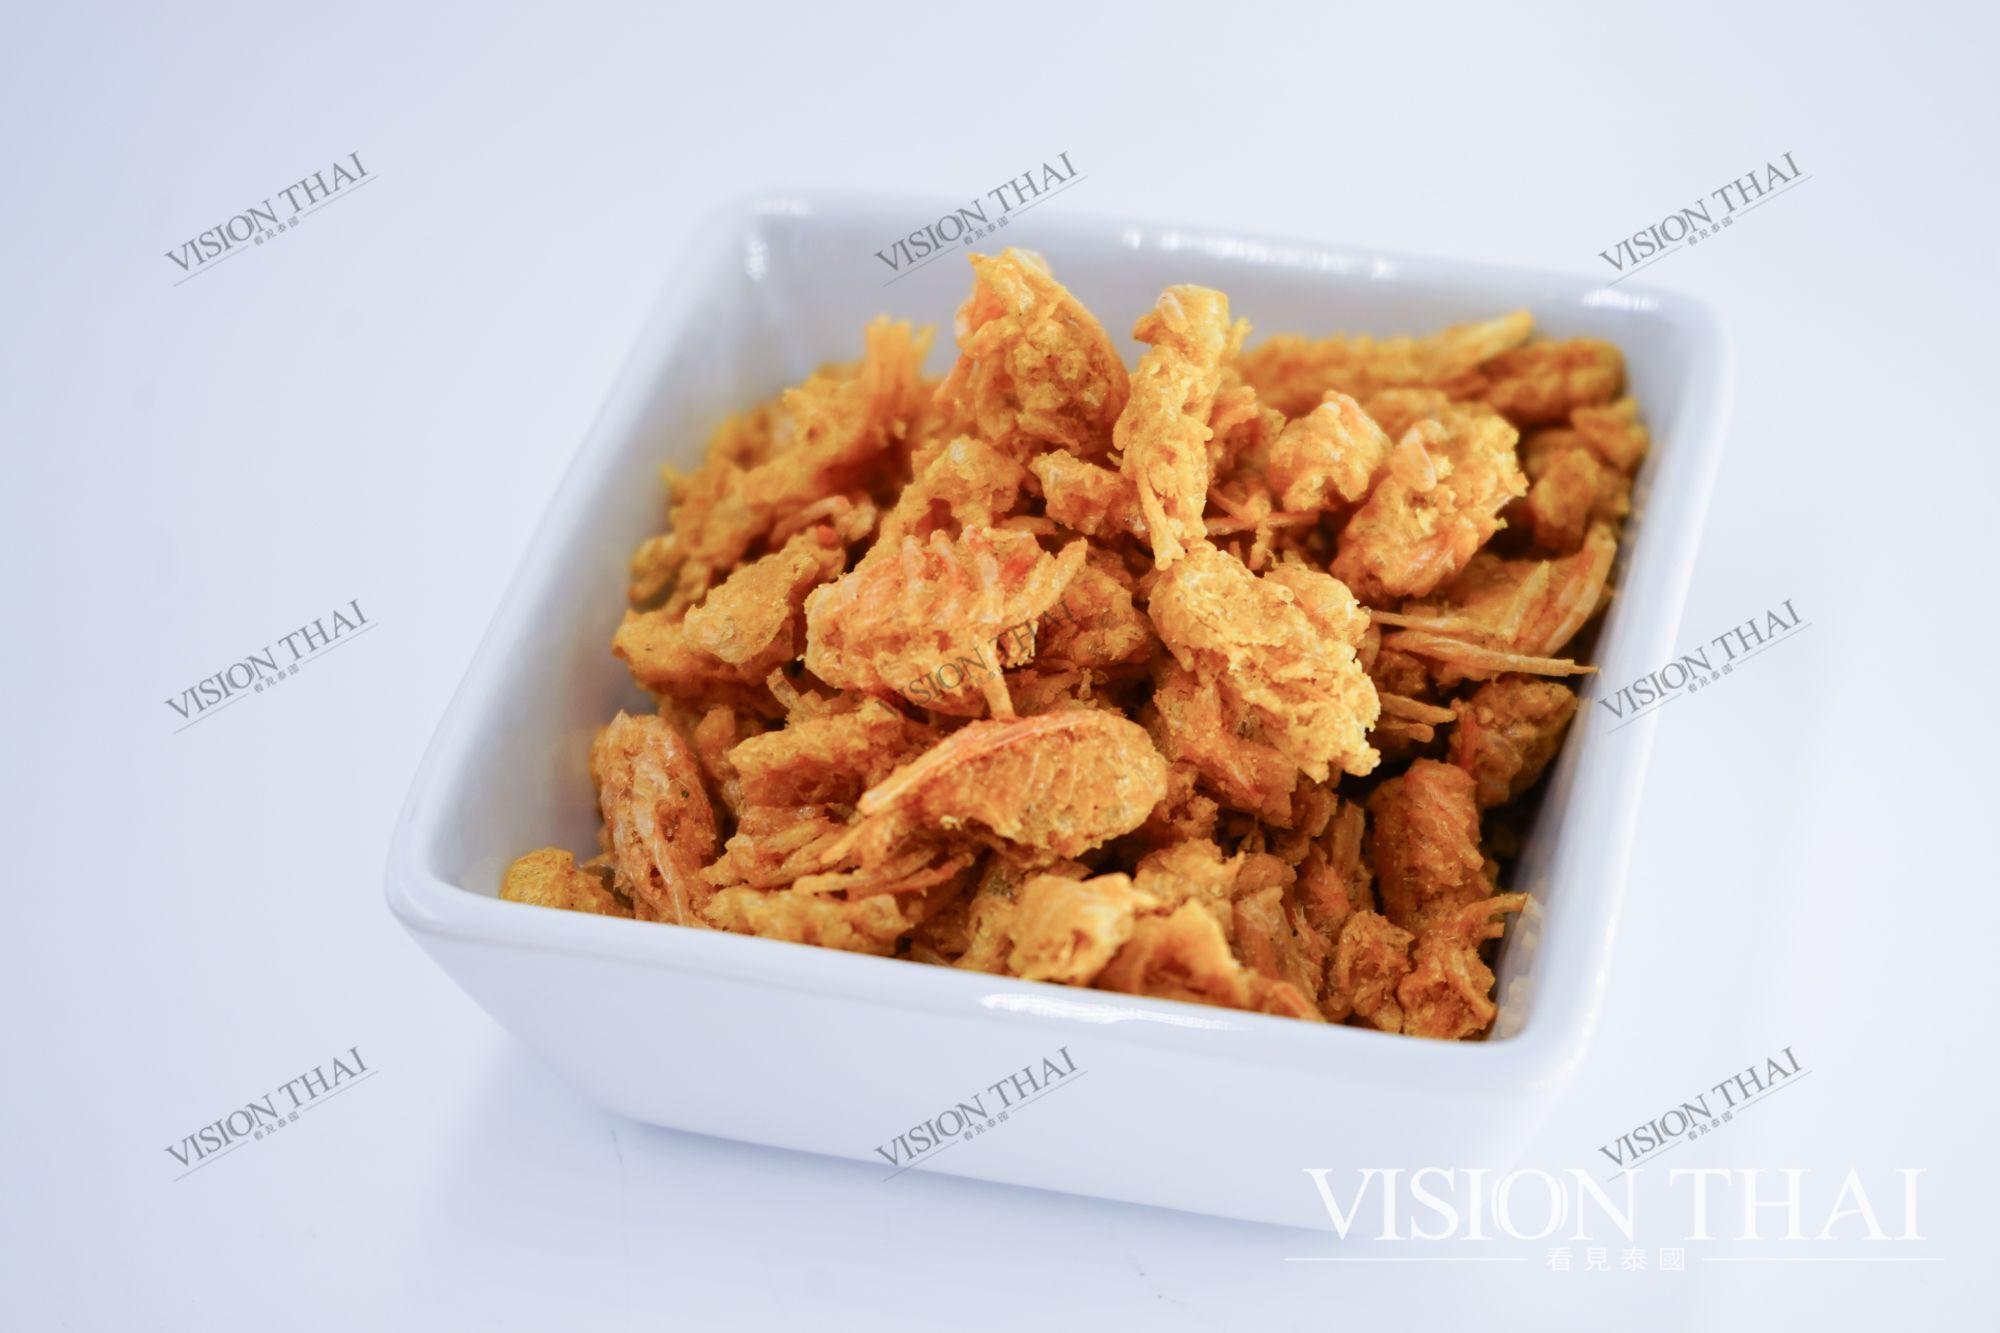 okusno-shrimp-chins-snack